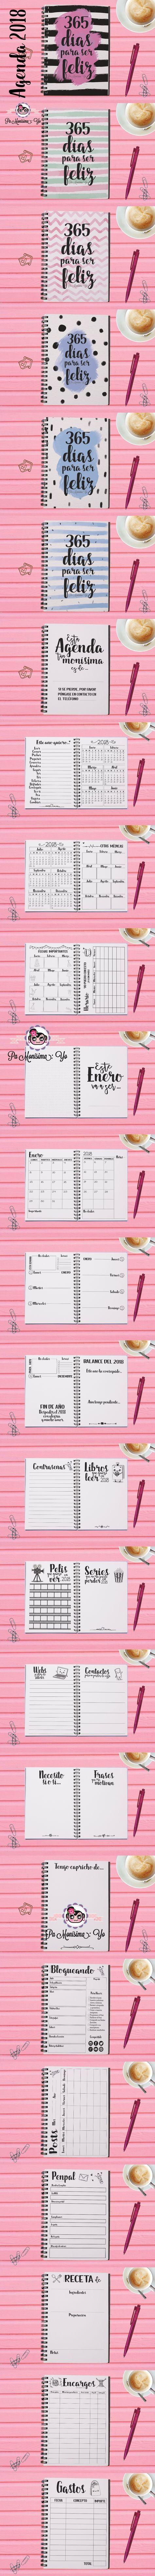 Calendario Enero 2019 Para Imprimir Excel Más Reciente formato Agenda Kordurorddiner Of Calendario Enero 2019 Para Imprimir Excel Más Recientes Paras 2018 Calendar Printable for Free Download India Usa Uk